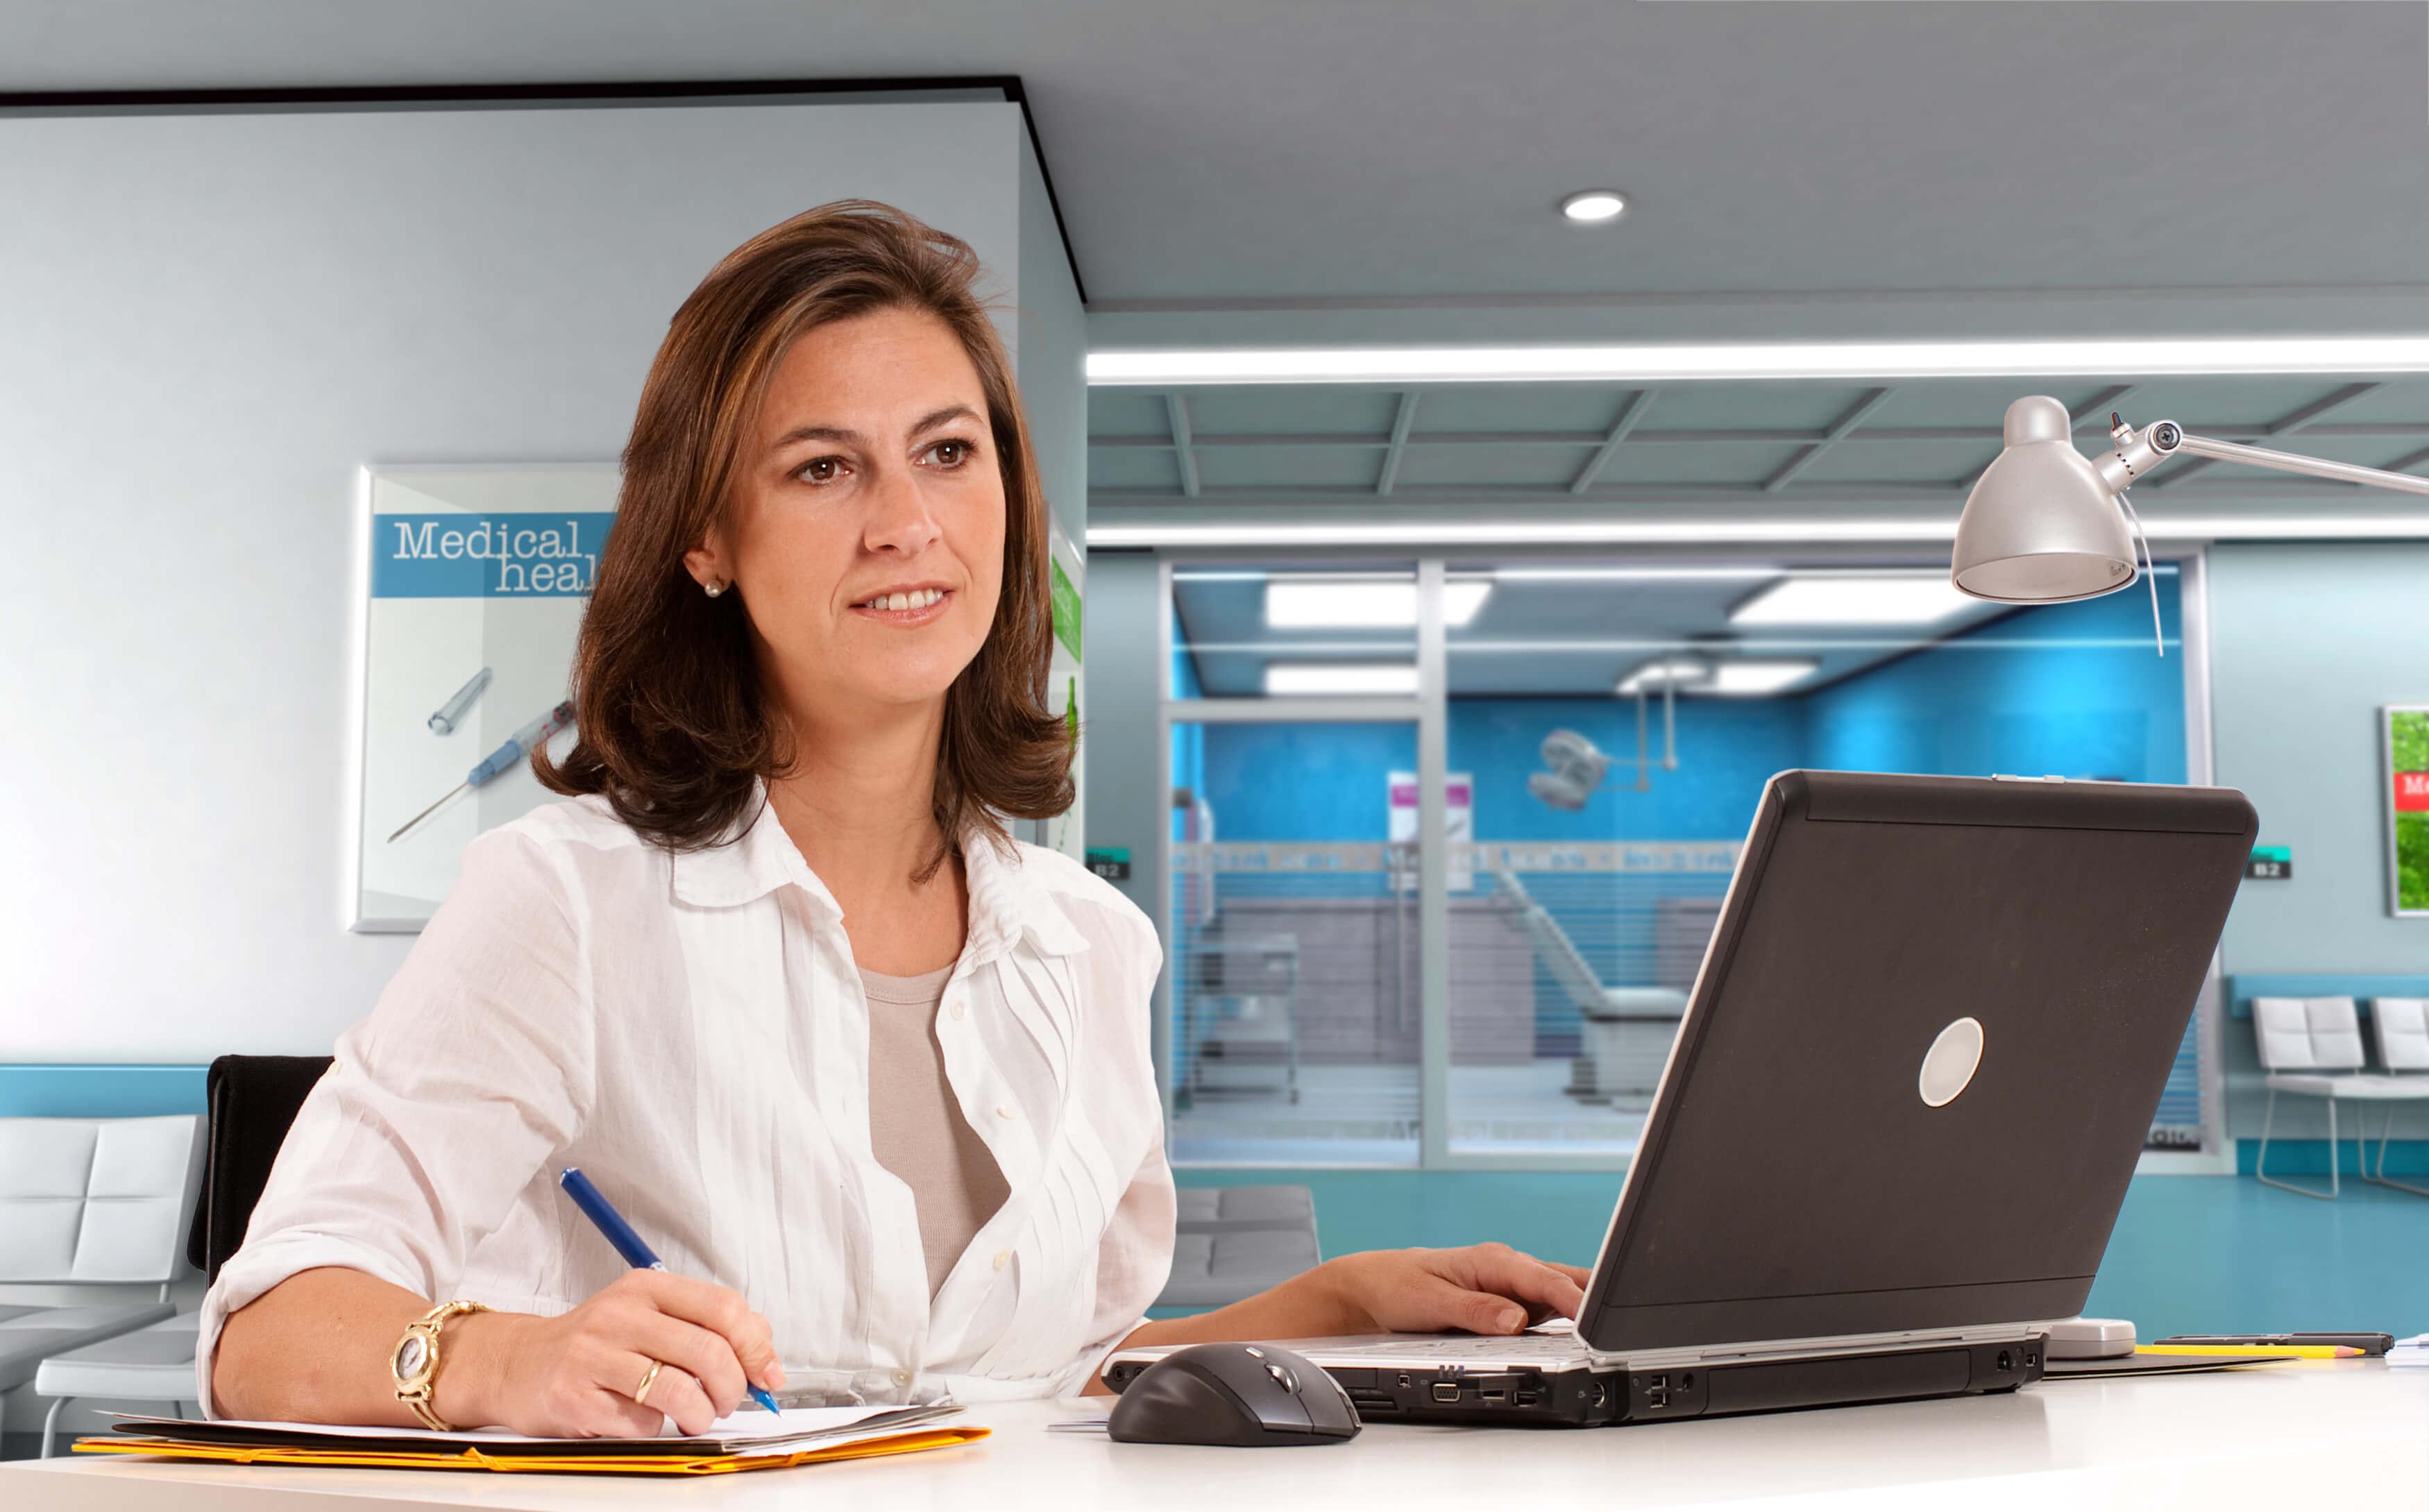 gestao administrativa da clinica medica faça com o Clinicweb